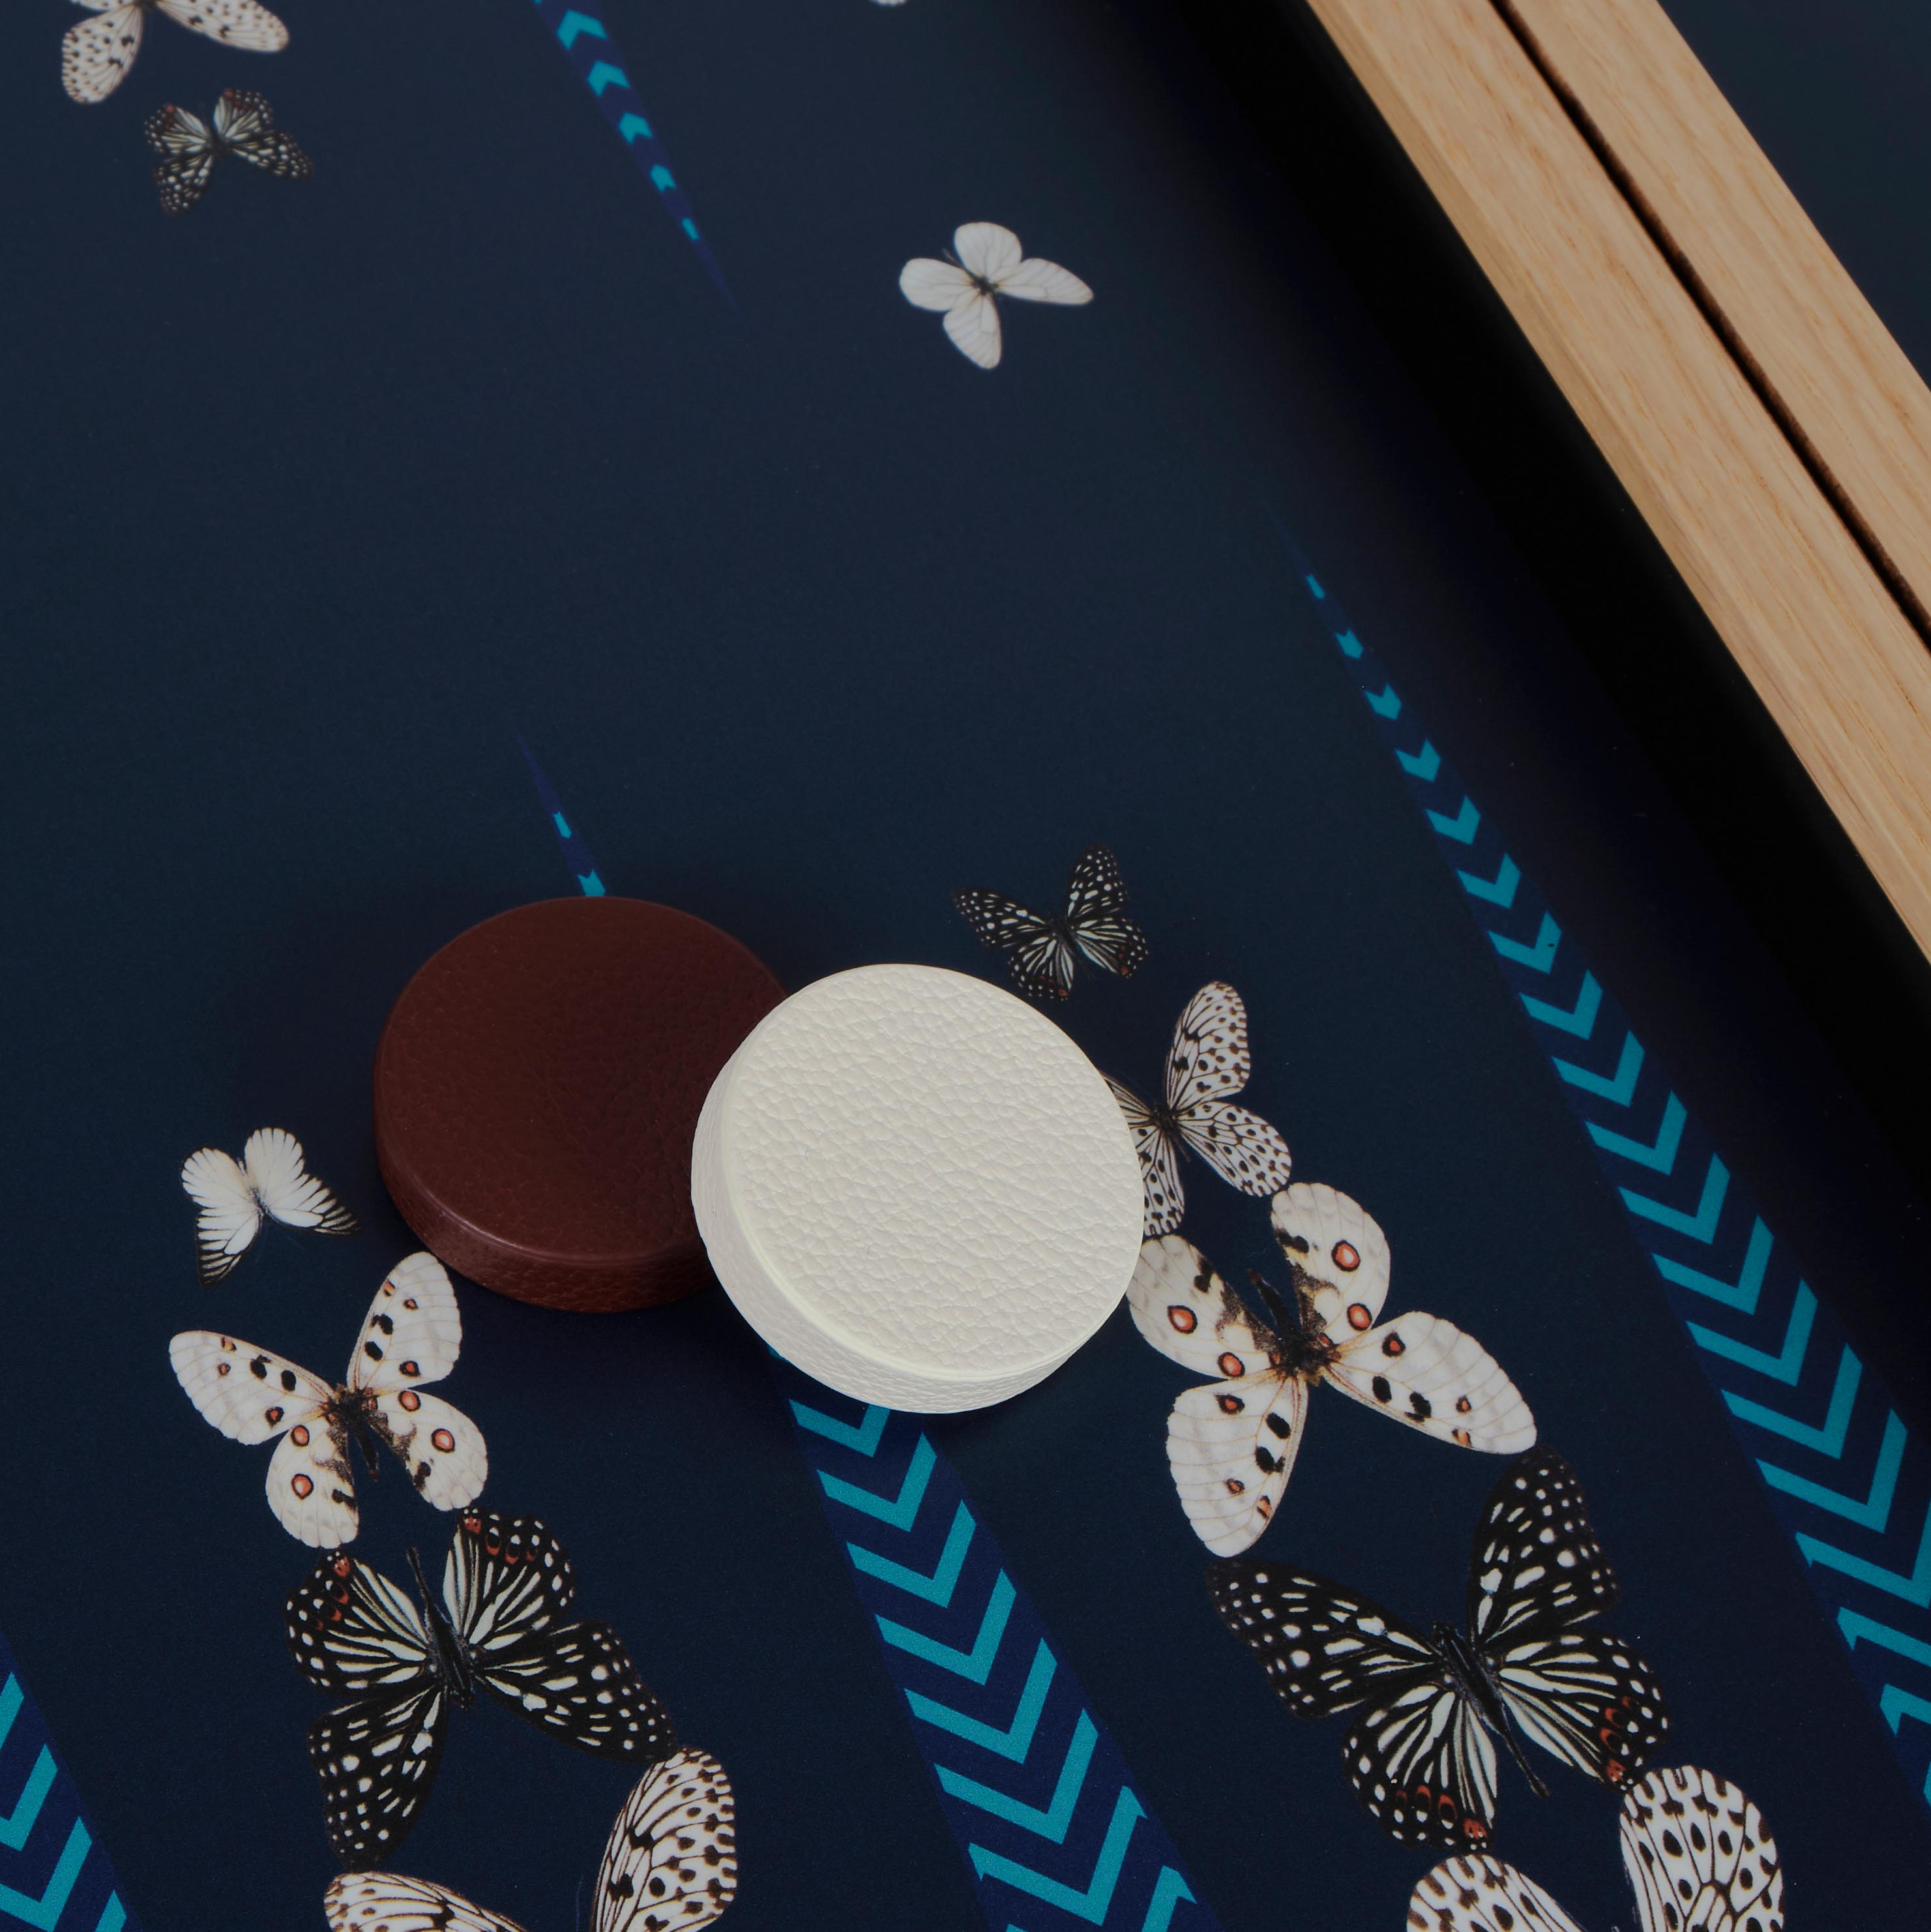 Alexandra Llewellyn B&W Butterfly Backgammon Set Detail